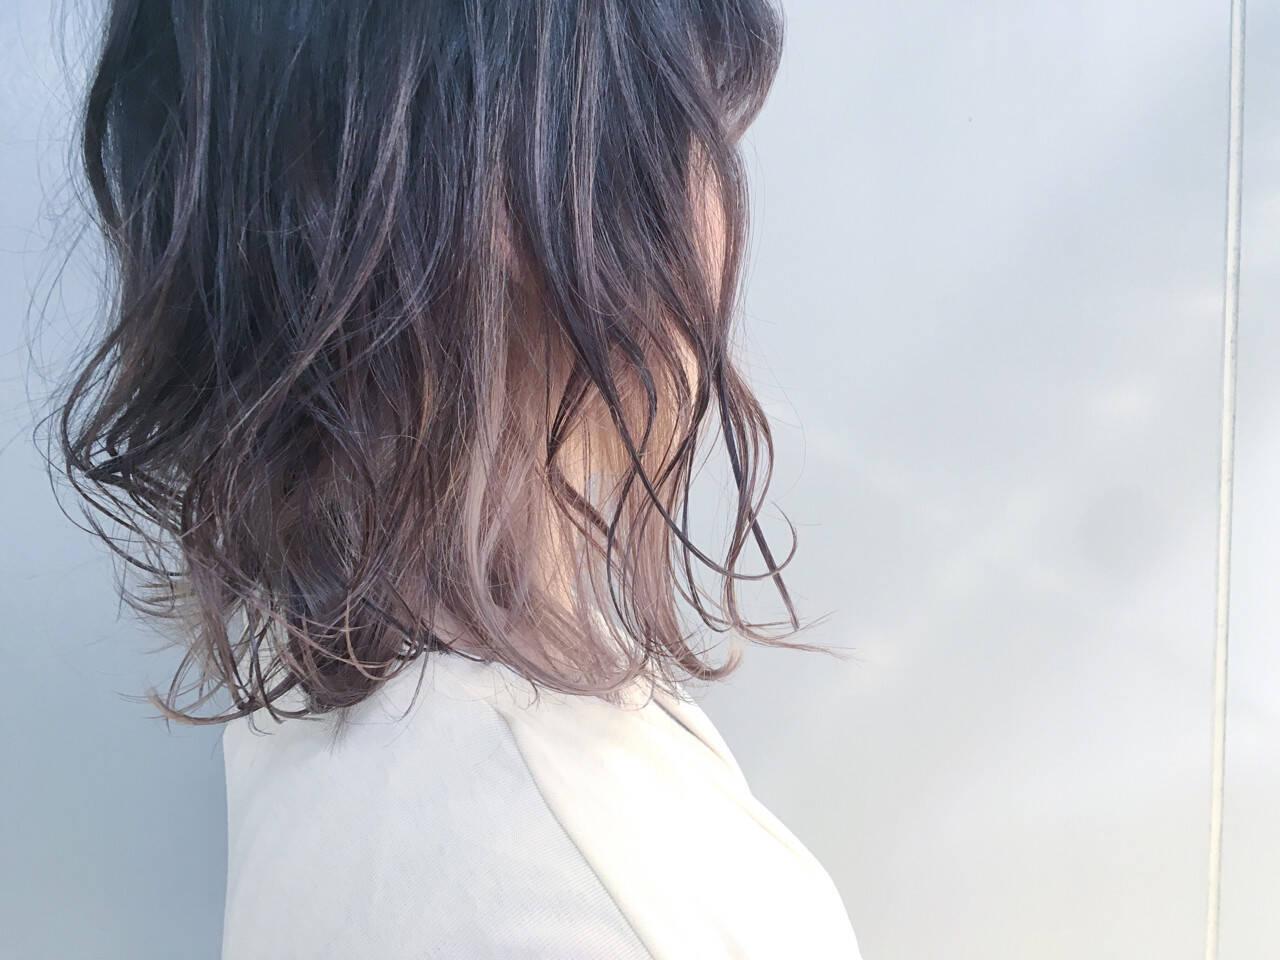 グラデーションカラー アッシュベージュ アッシュグレージュ ボブヘアスタイルや髪型の写真・画像